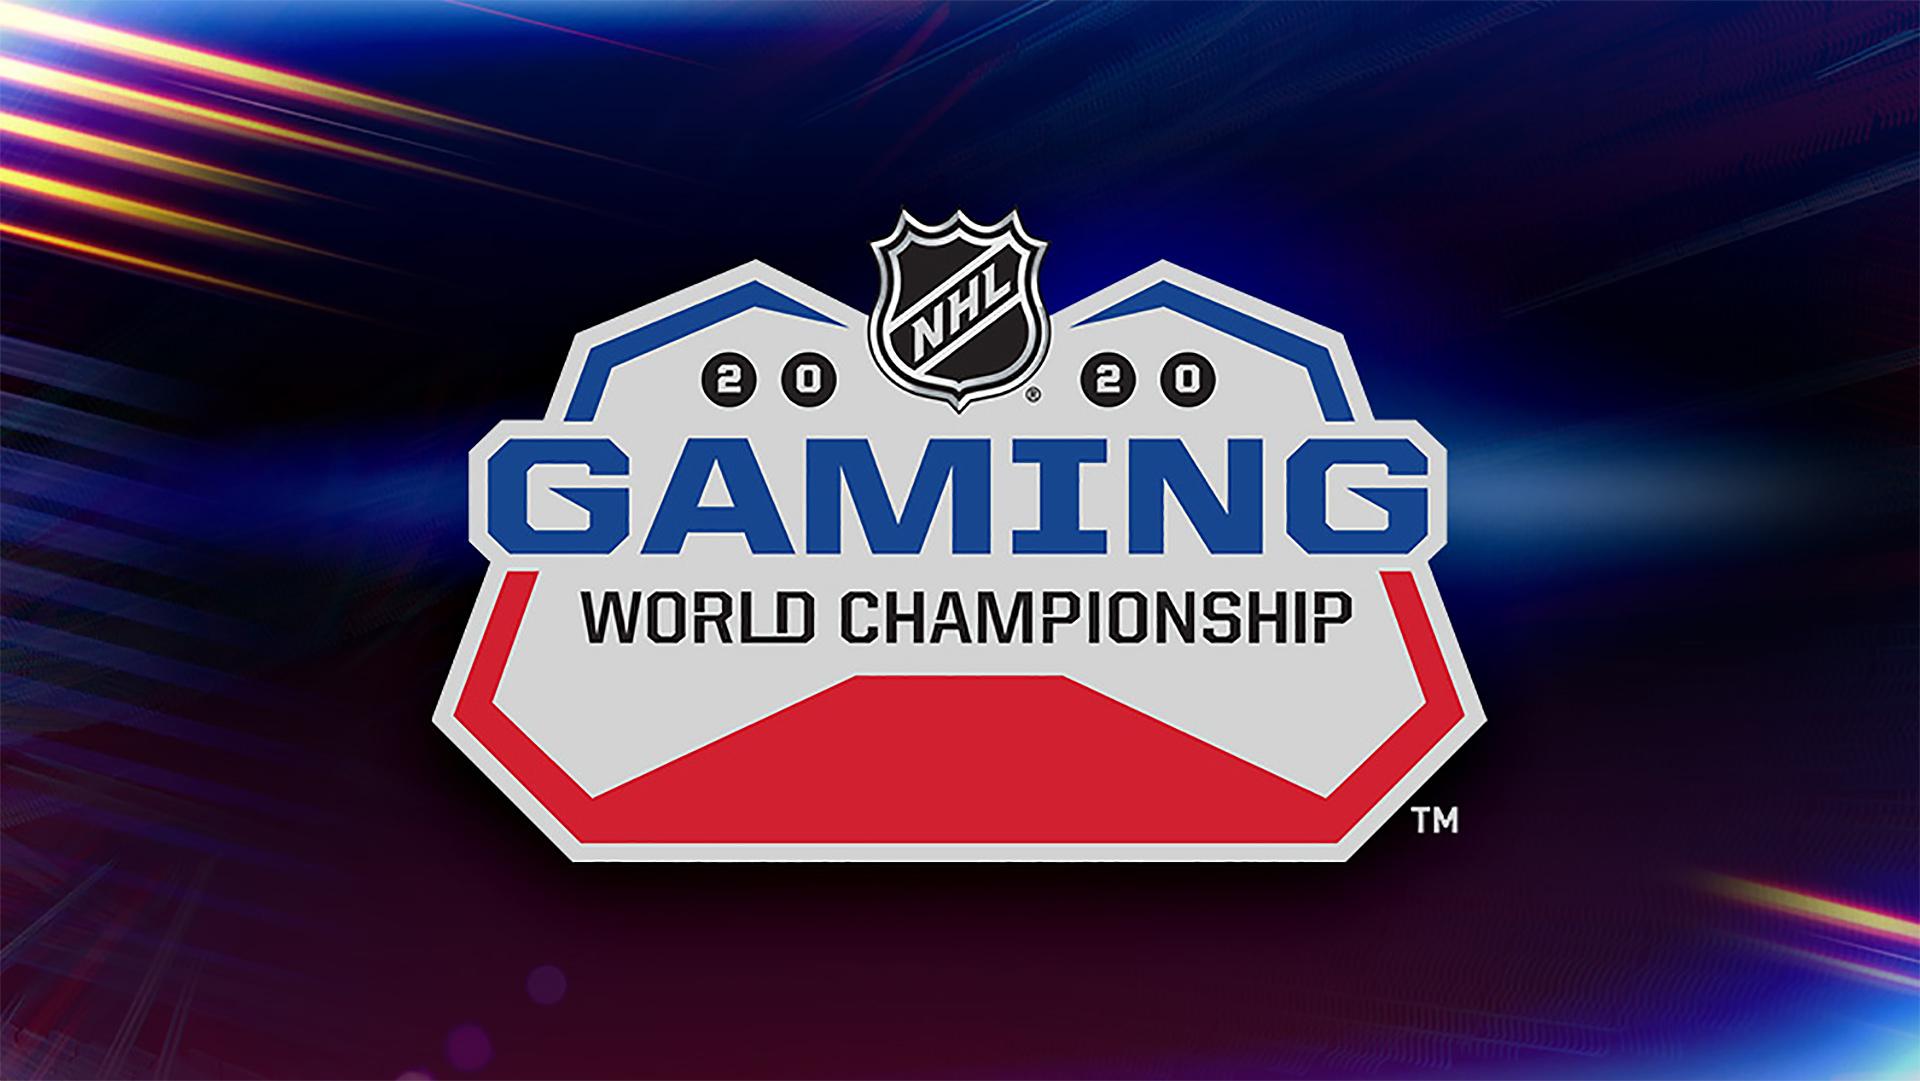 NHL_GWC_Cover.jpg